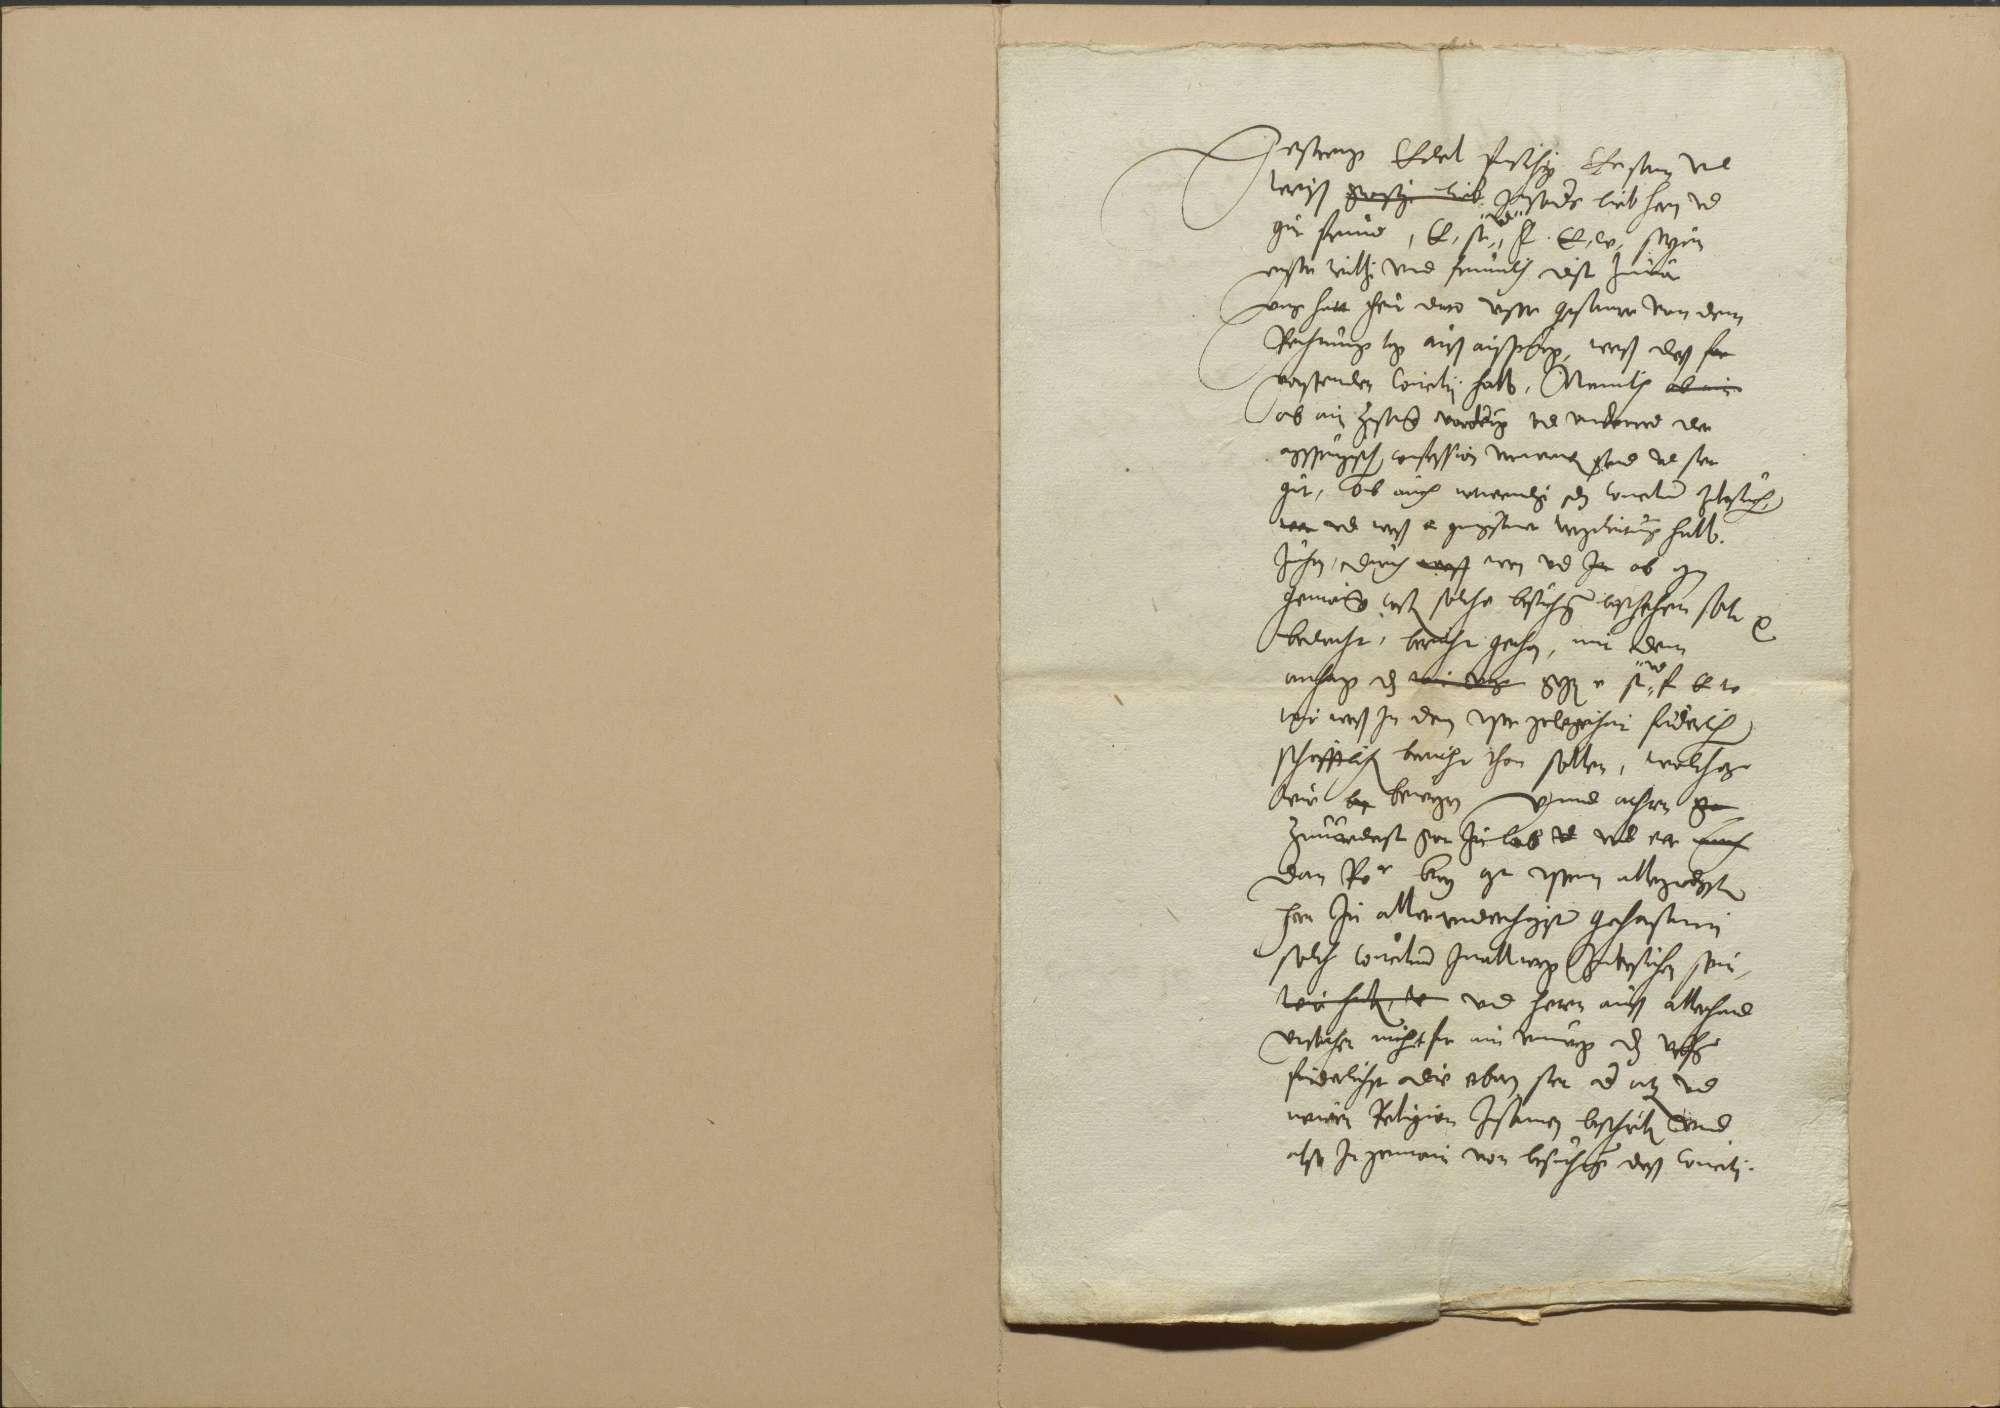 Konzil von Trient, die wegen Beschickung desselben mit Straßburg geführte Korrespondenz und das kaiserliche Ausschreiben dazu sowie Bedenken des Menrad Molther über die Frage, ob es beschickt werden solle und ein Schreiben eines bischöflichen Gesandten an seinen Herrn, von dem was auf dem Konzil vorgegangen ist, 1. Mai 1551, Bild 2